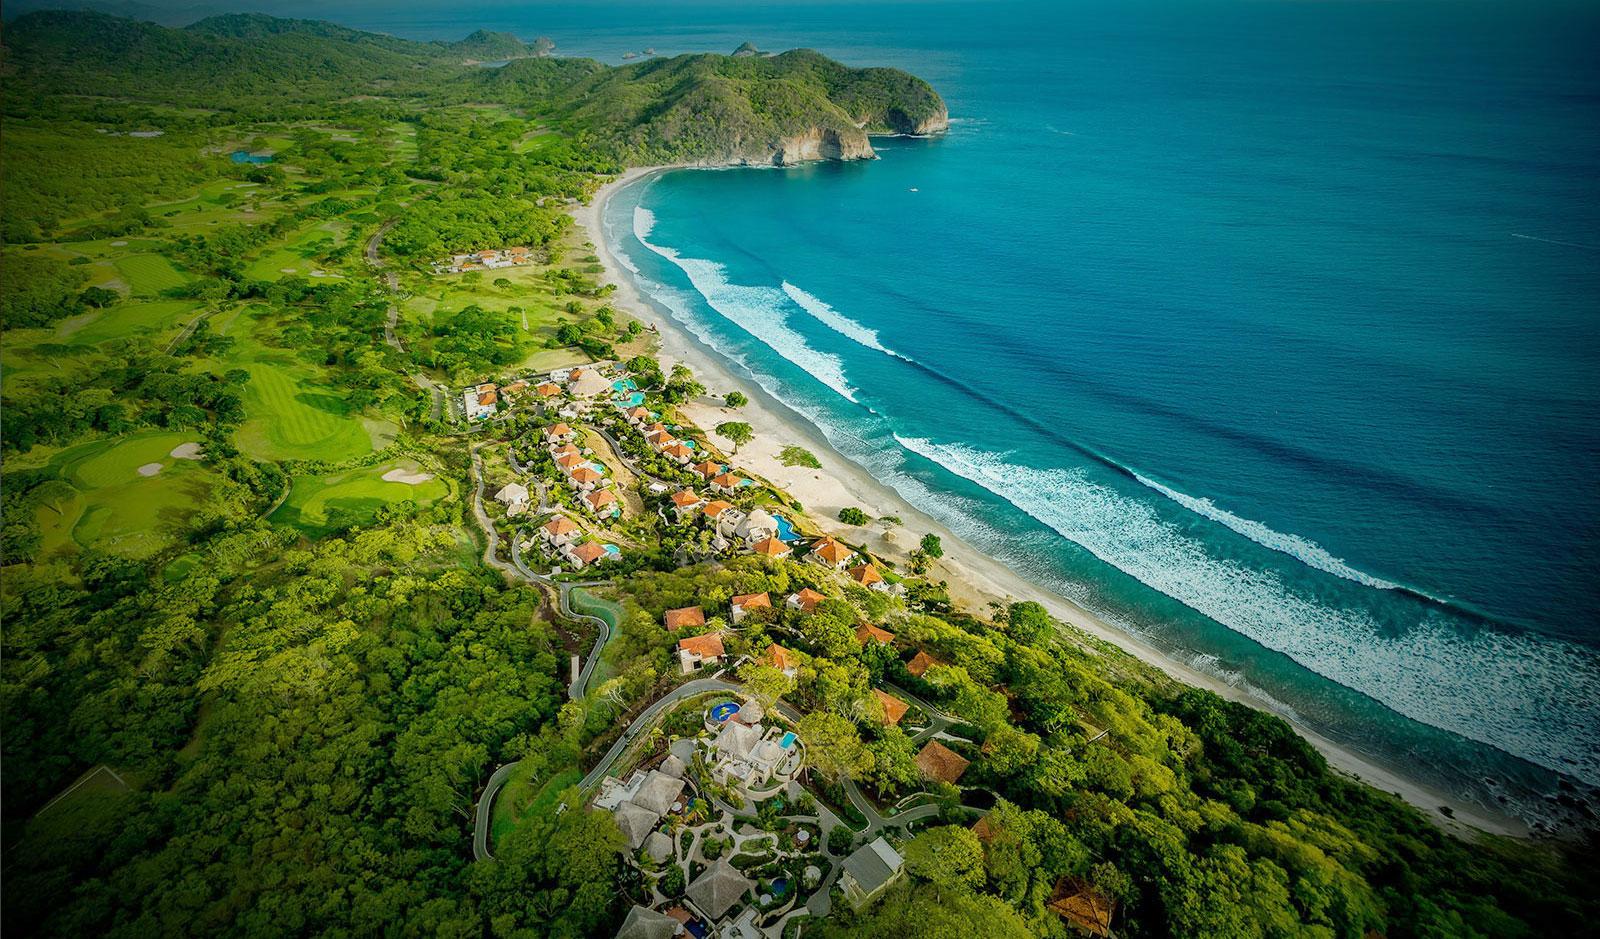 Aerial view of Mukul Resort